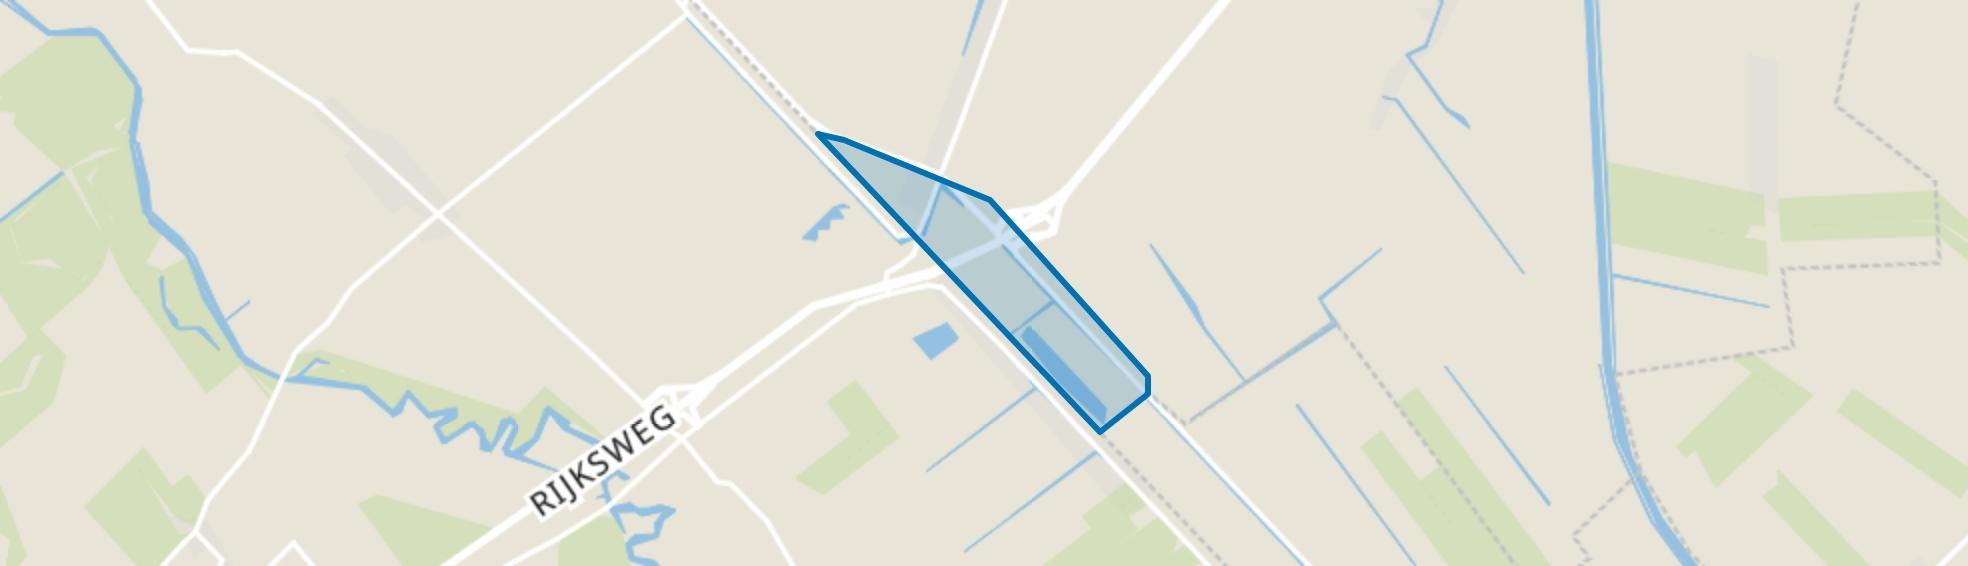 Bareveld, Wildervank map